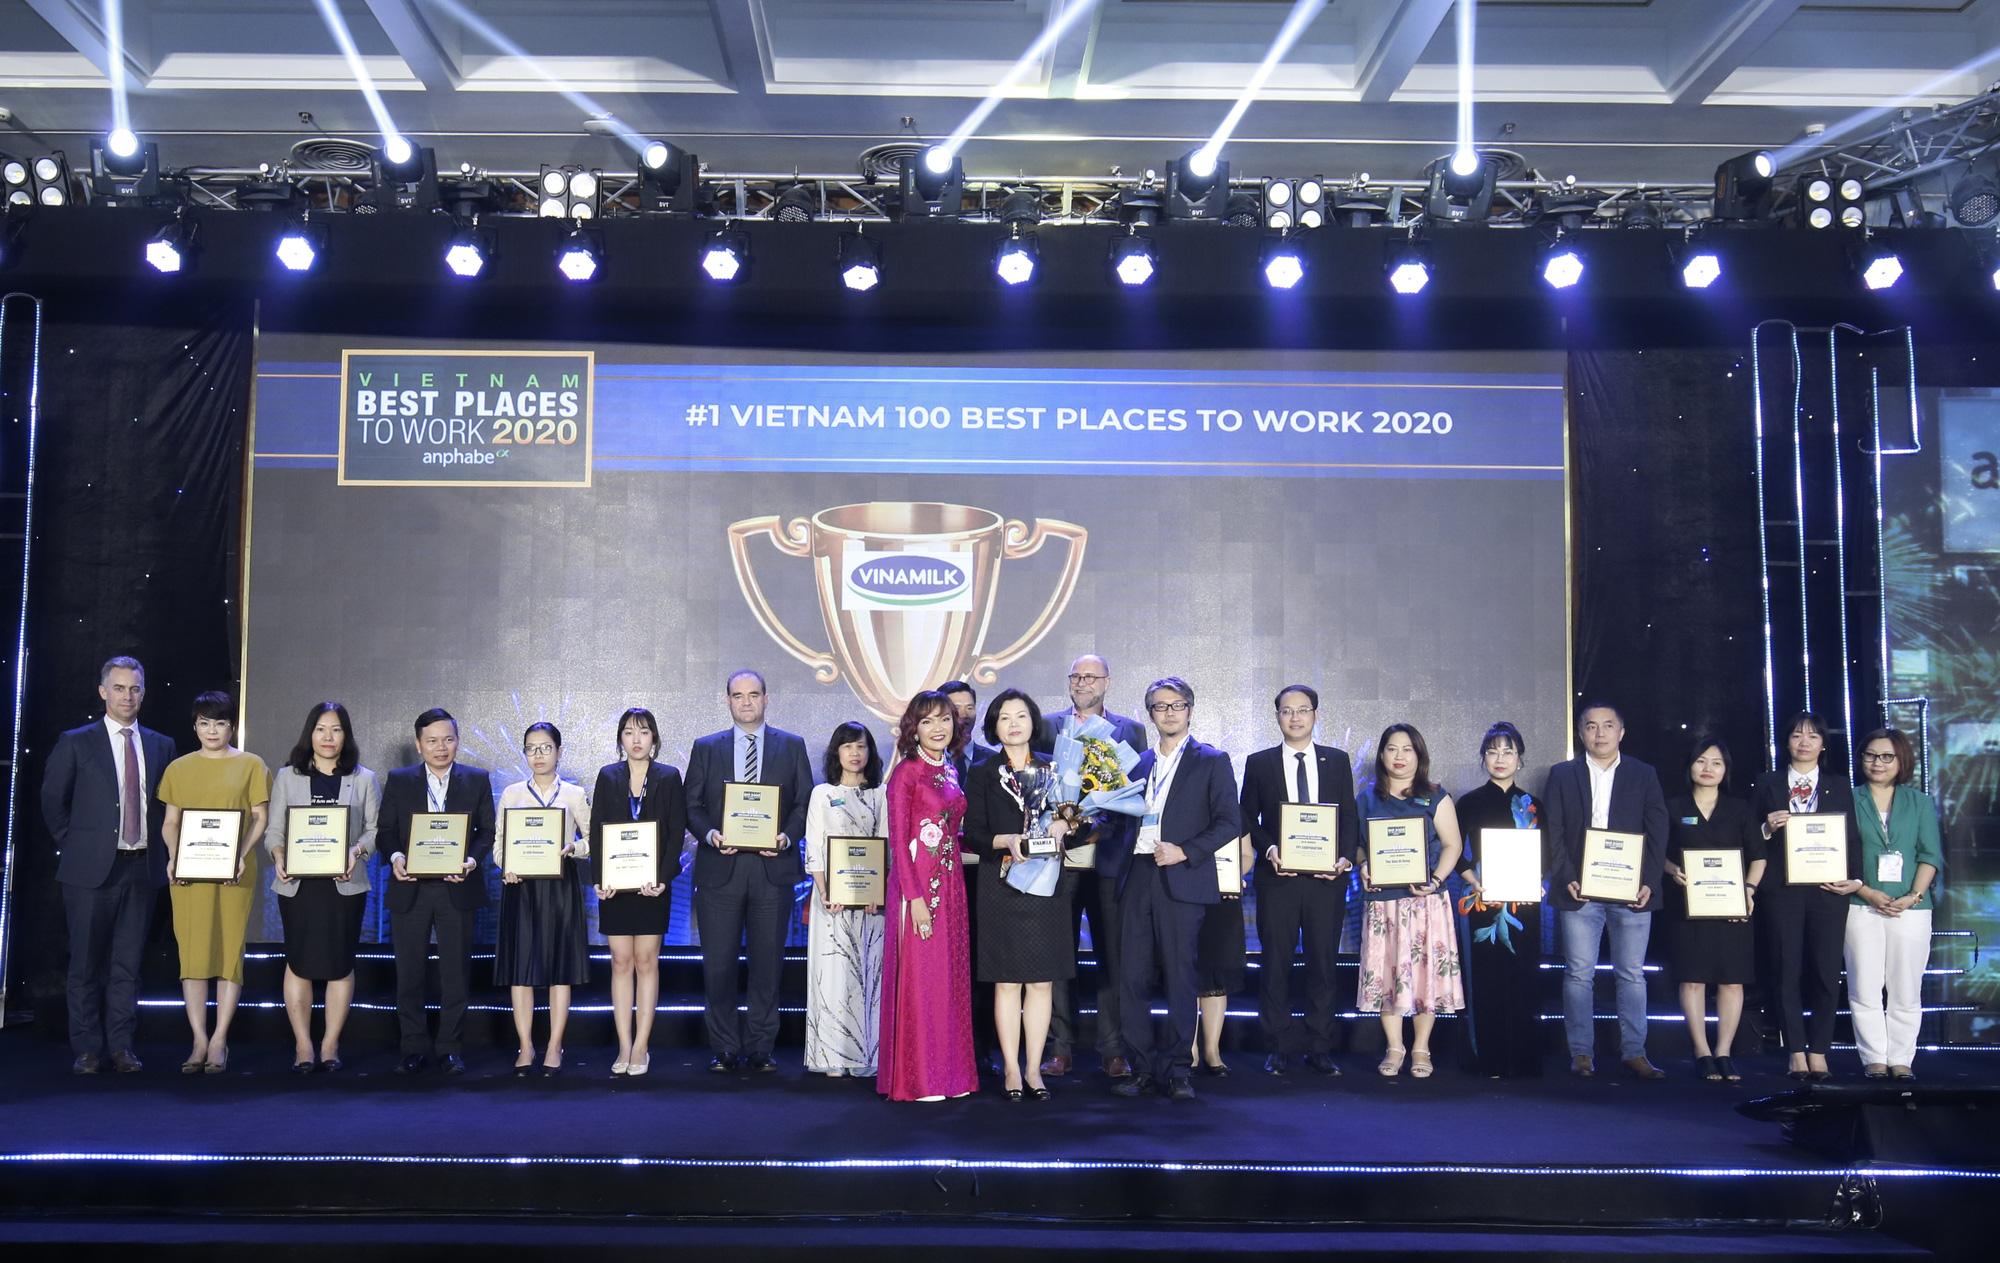 Vinamilk vững vàng vị trí dẫn đầu Top 100 doanh nghiệp bền vững Việt Nam năm 2020 - Ảnh 7.